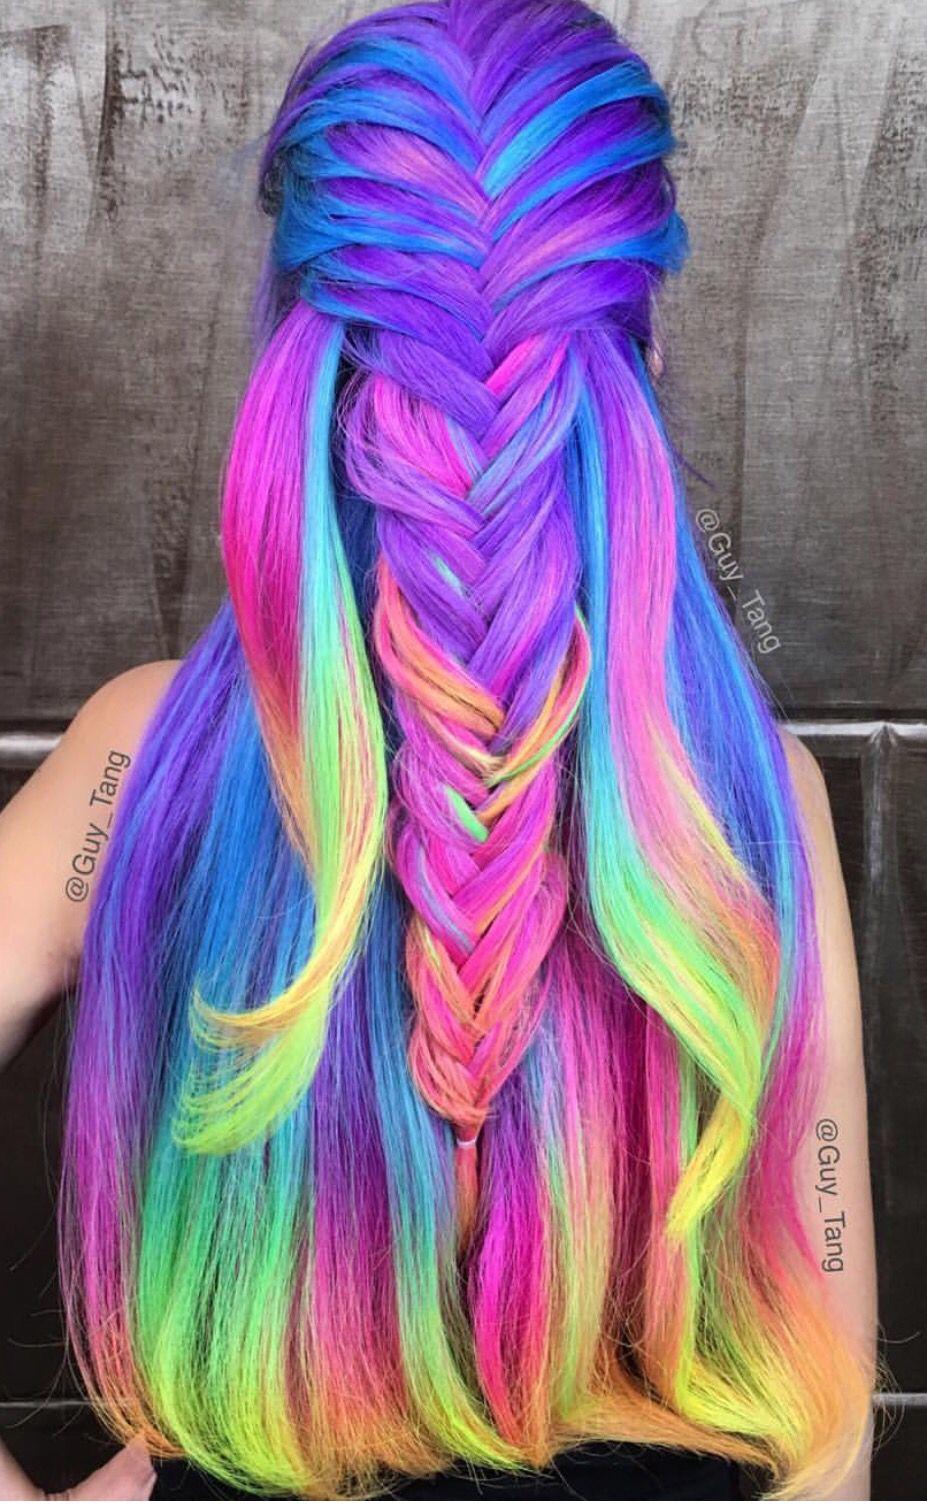 regnbuefarvet hår